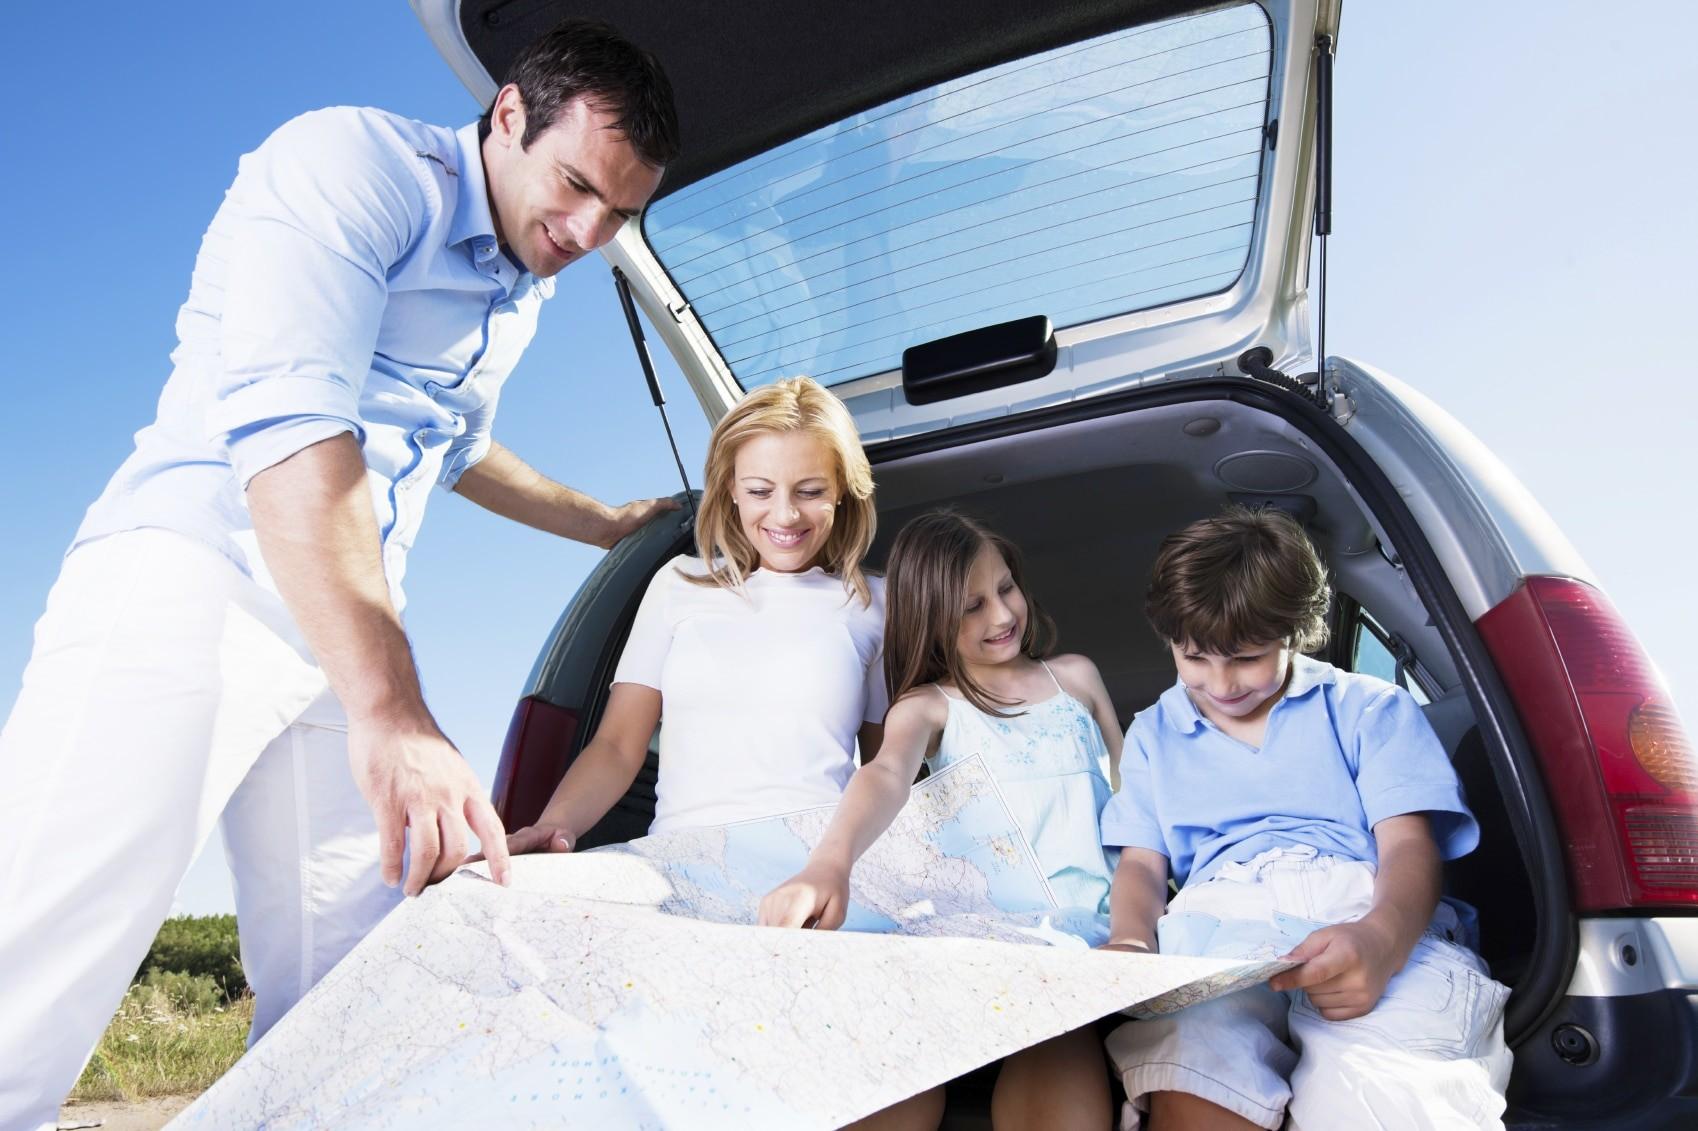 vacanze in famiglia